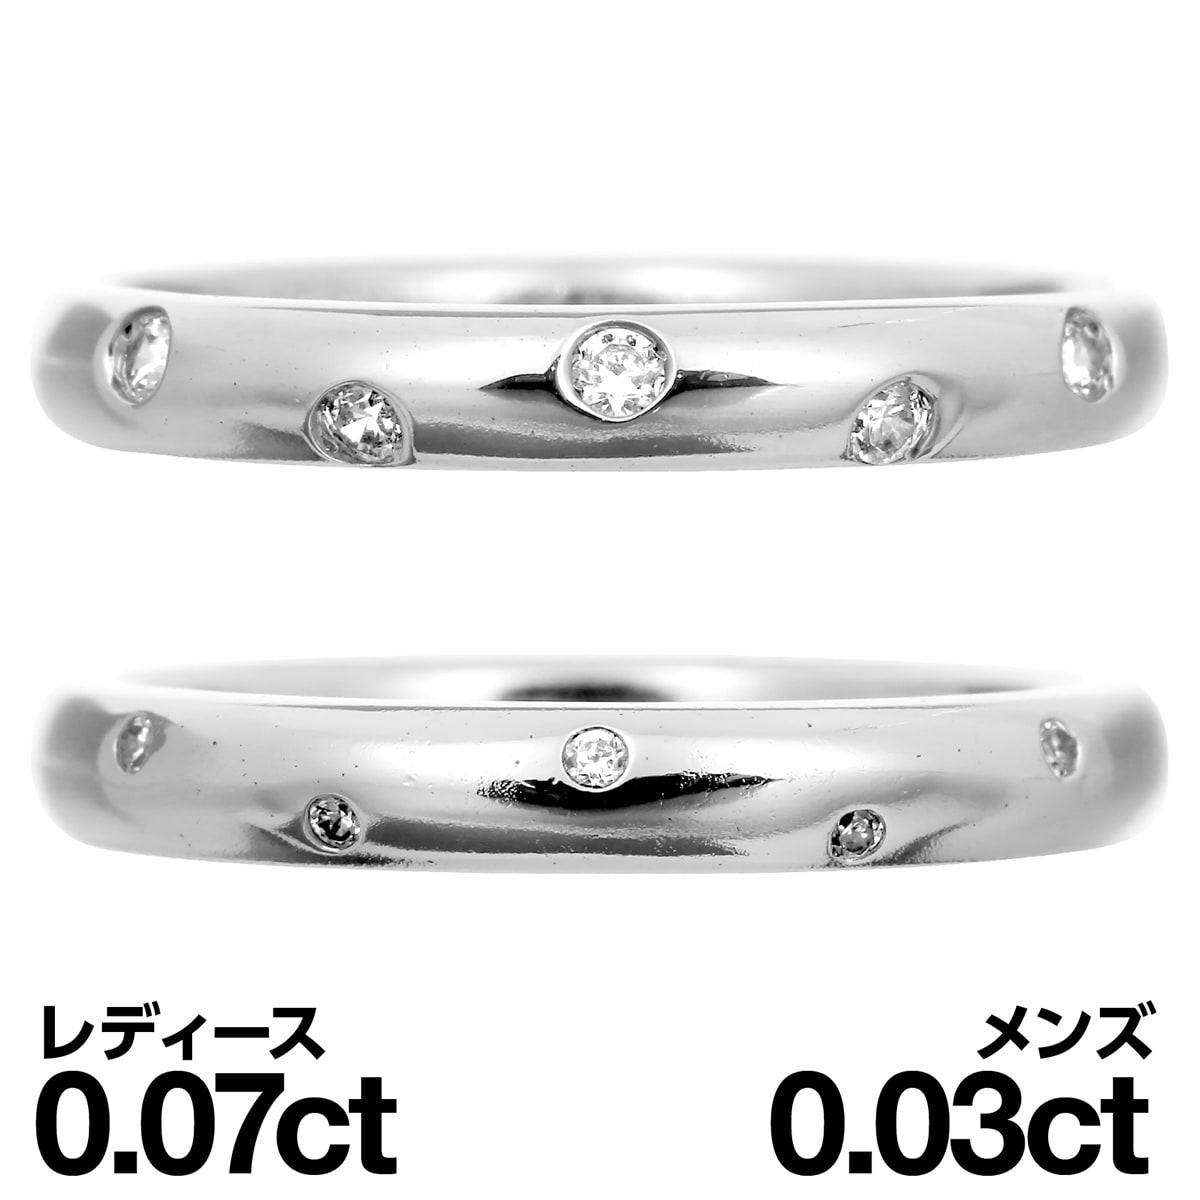 ペアリング sv925 女性 20代 30代 40代 50代 60代 シルバー925 シルバーリング ギフト 金属アレルギー ジュエリー 天然ダイヤ おしゃれ 日本製 プレゼント ダイヤモンド 2本セット 正規認証品!新規格 品質保証書